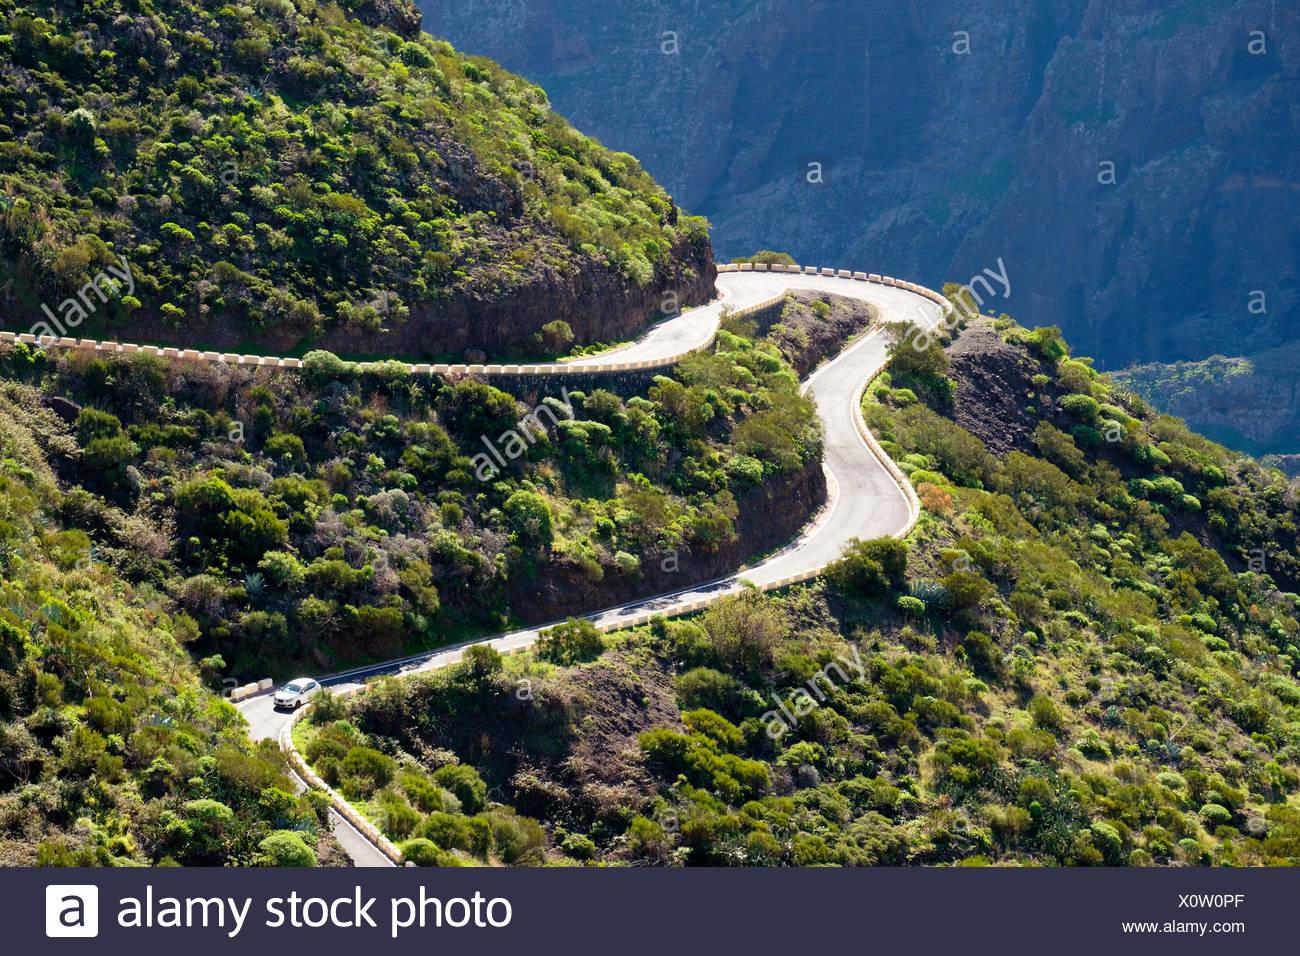 Bergstraße Bei Masca, Teno-Gebirge, Parque Rural de Teno, Teneriffa, Kanarische Inseln, Spanien Stockbild